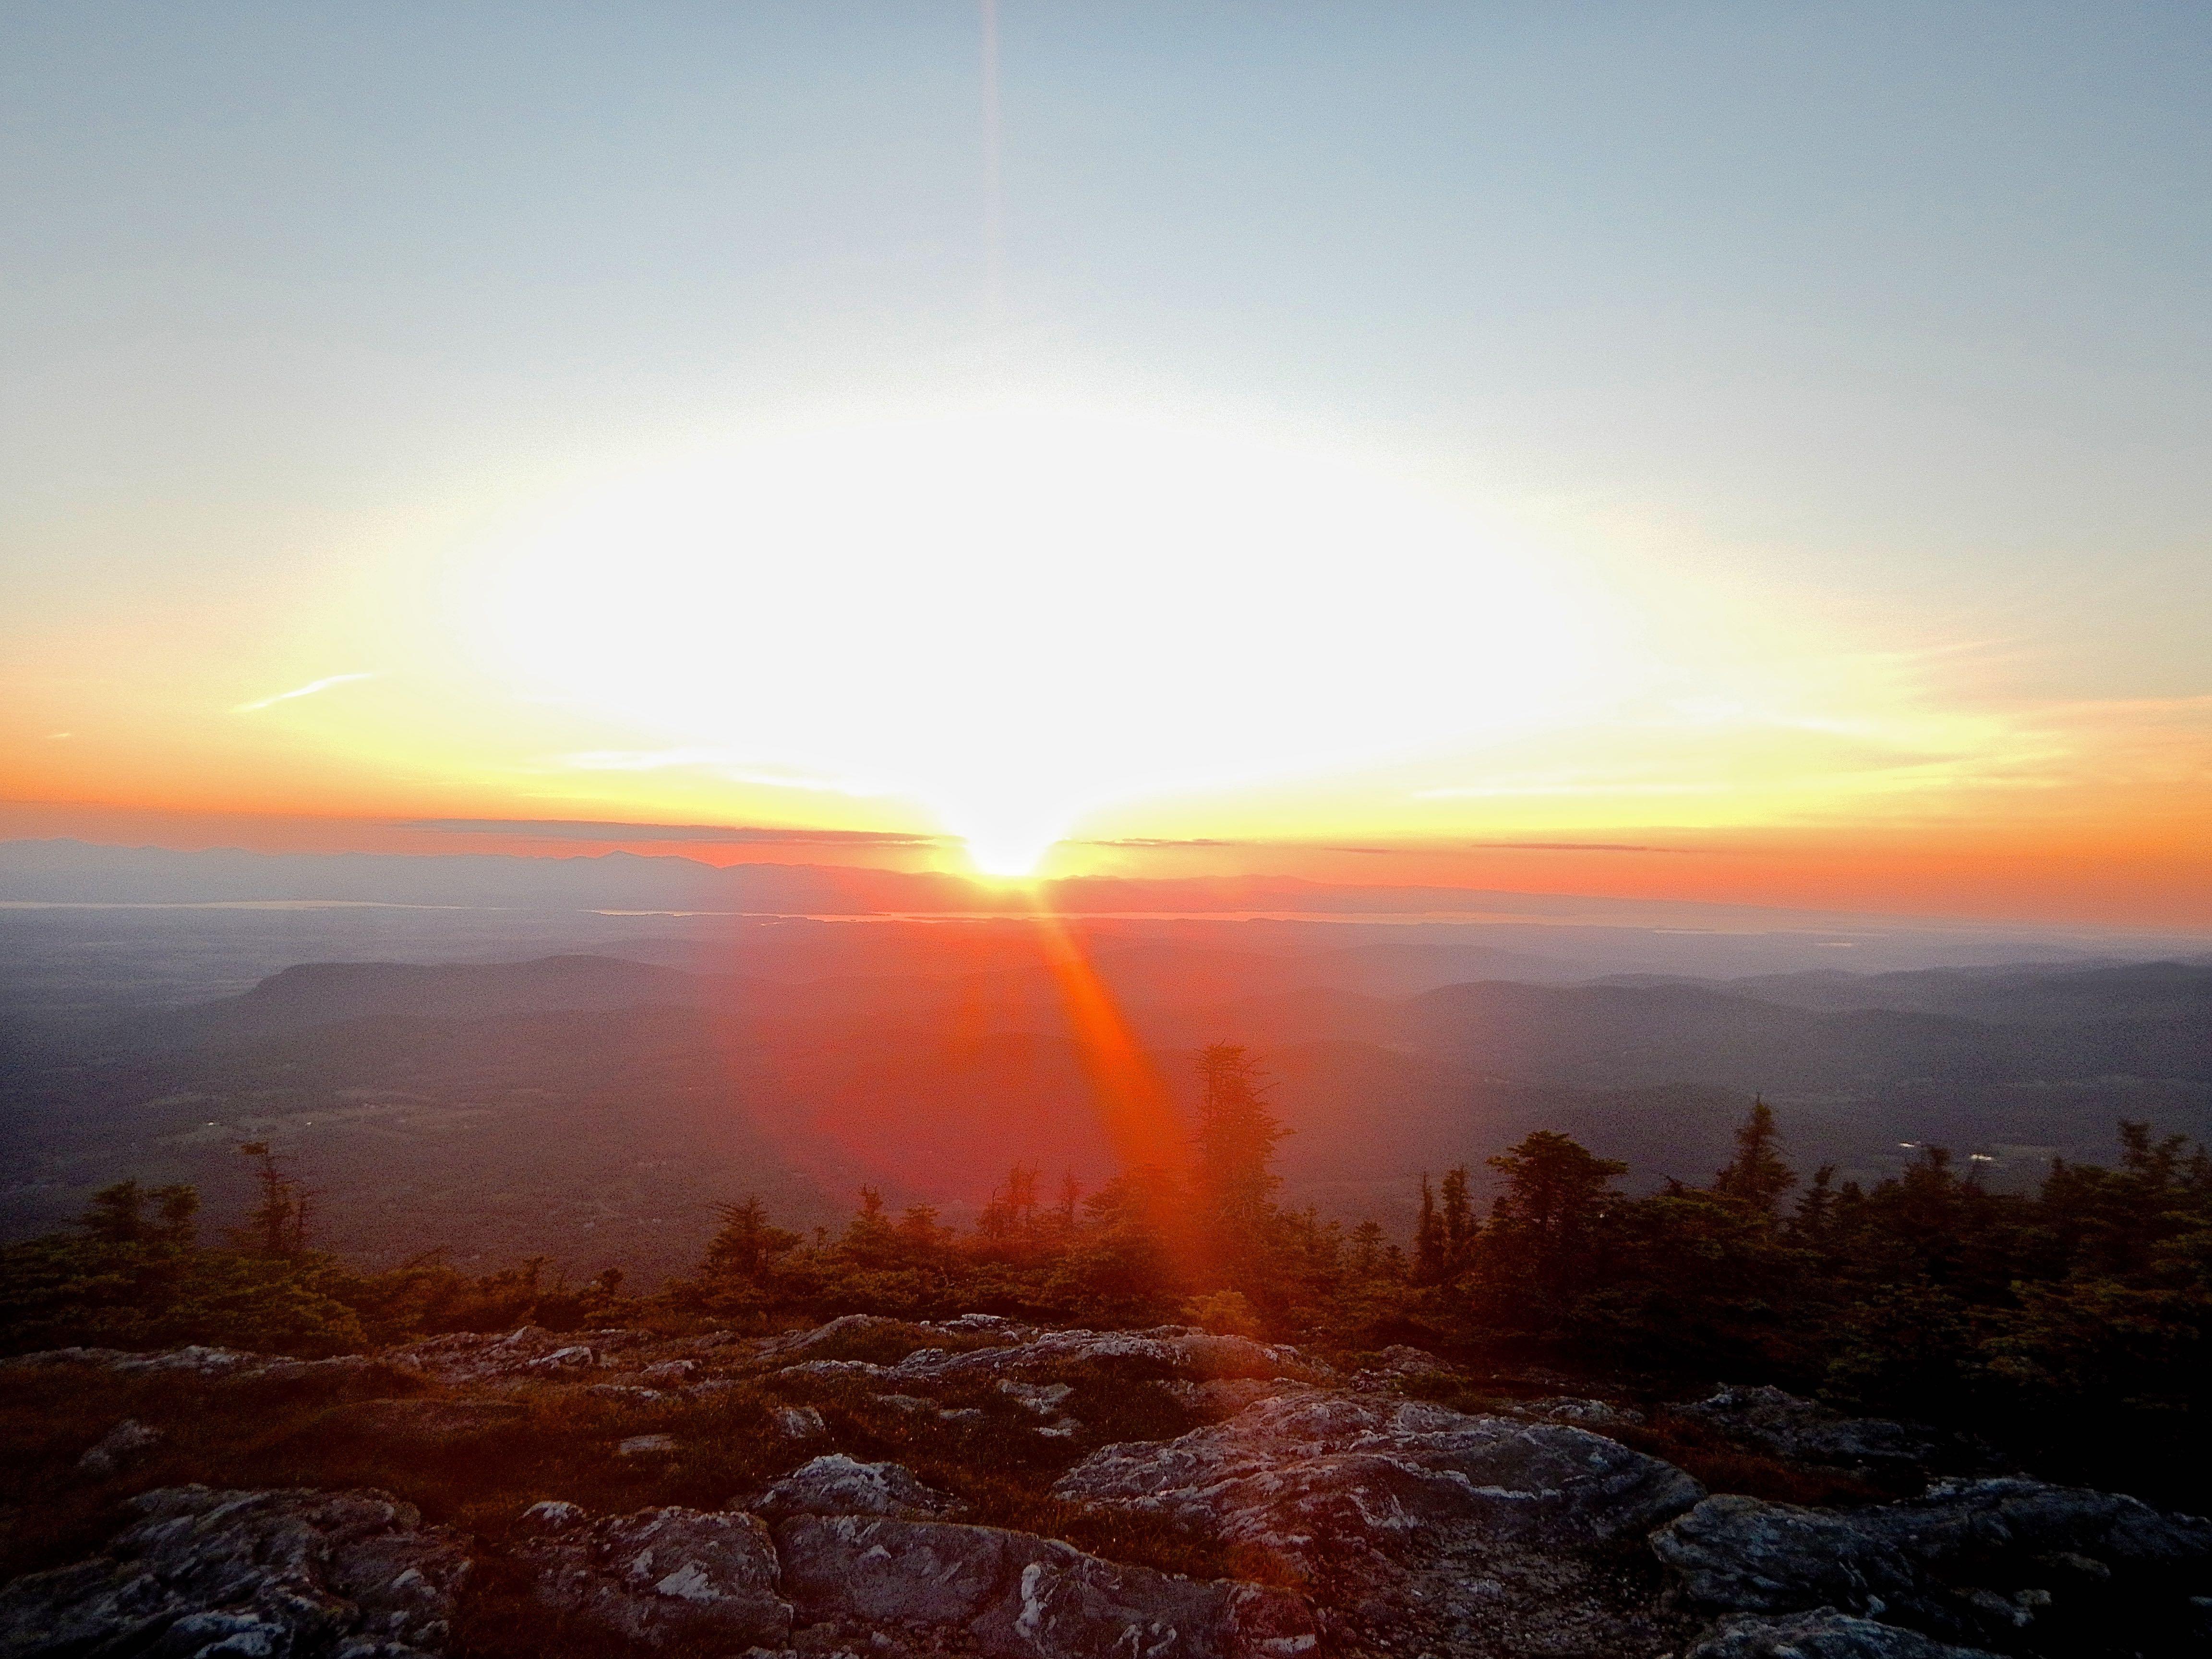 Caption: Sunsetter